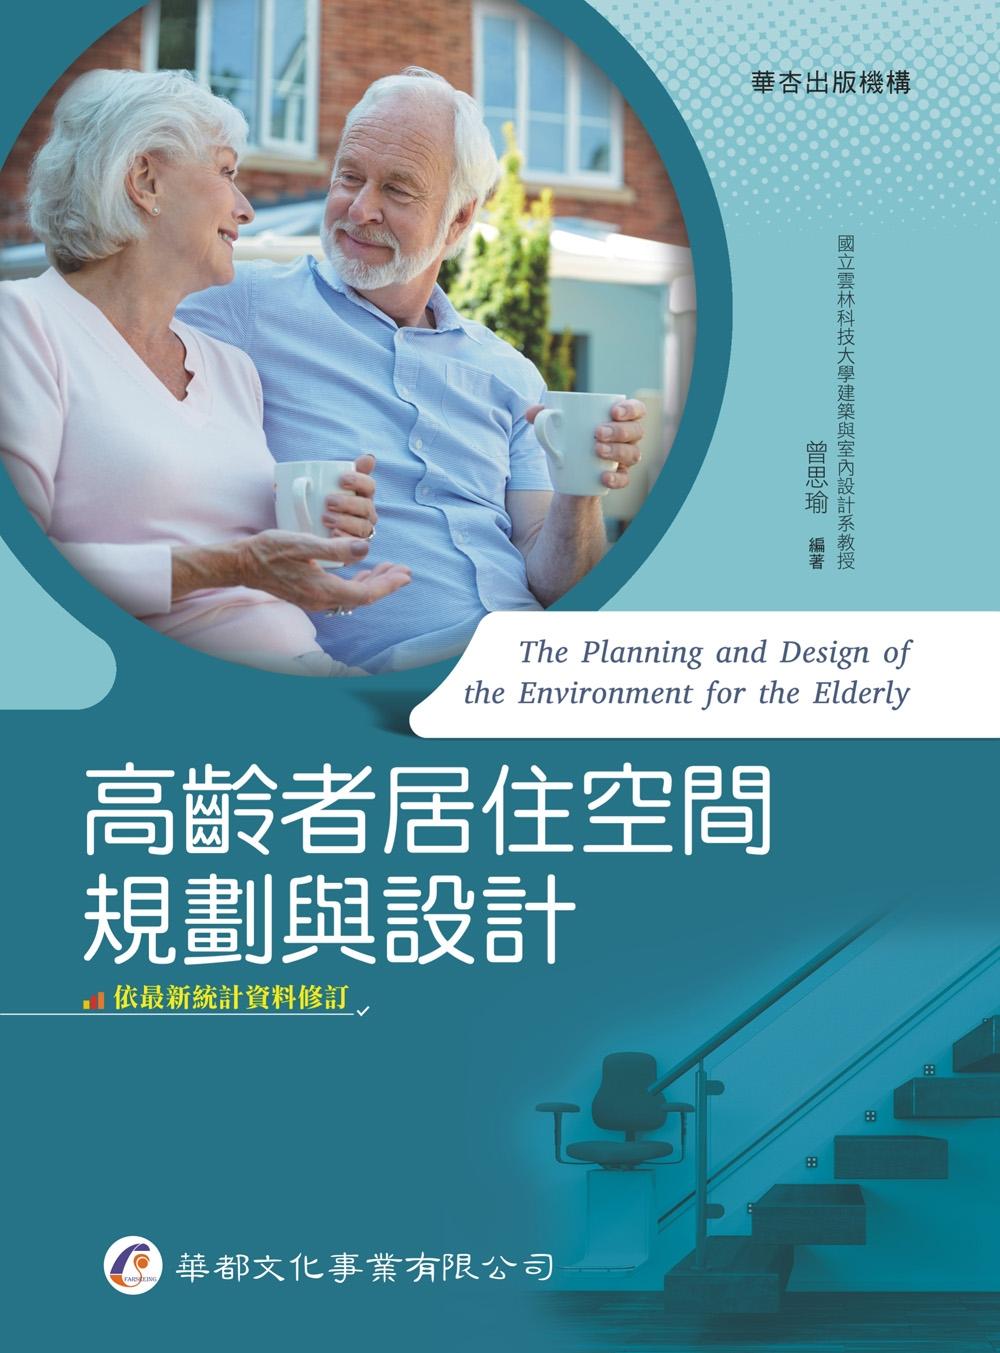 高齡者居住空間規劃與設計 /